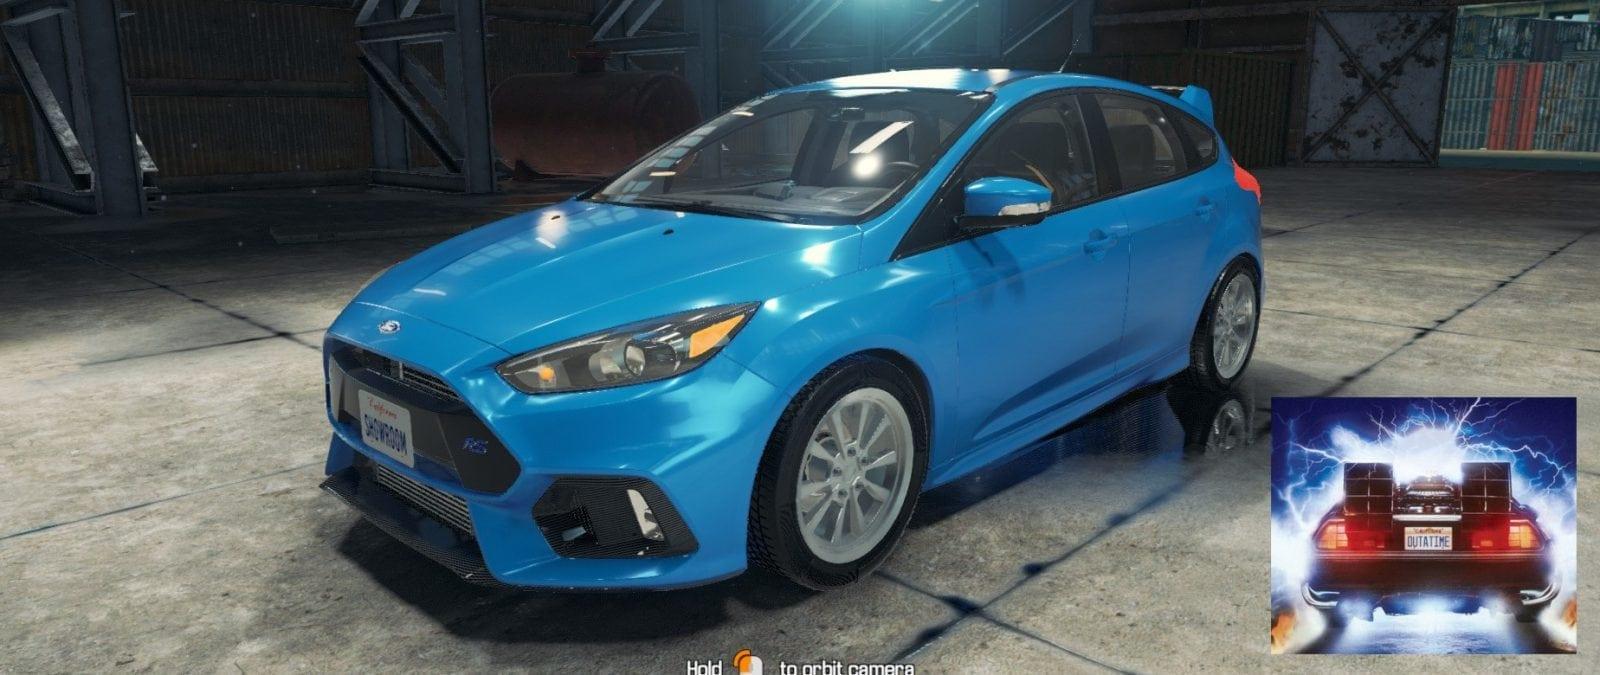 2017 ford focus rs mod for car mechanic simulator 2018. Black Bedroom Furniture Sets. Home Design Ideas